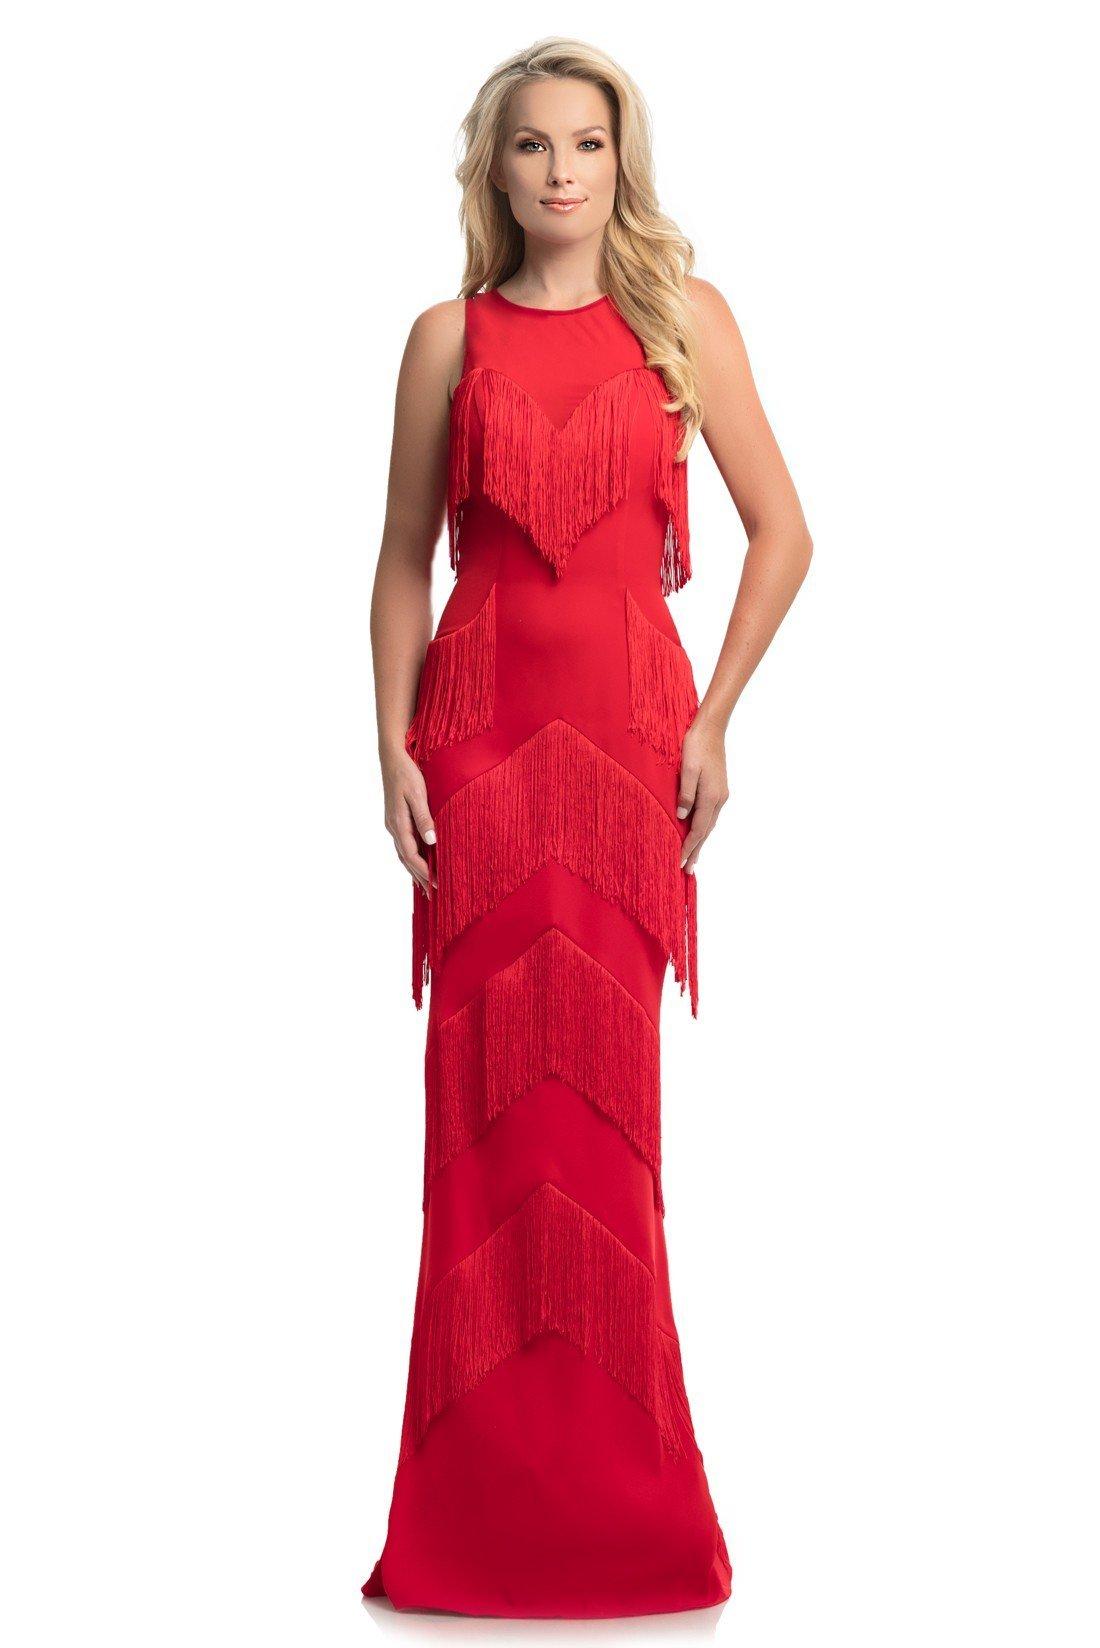 Johnathan Kayne - 9020 Sleeveless Fringe-Detailed Sheath Gown